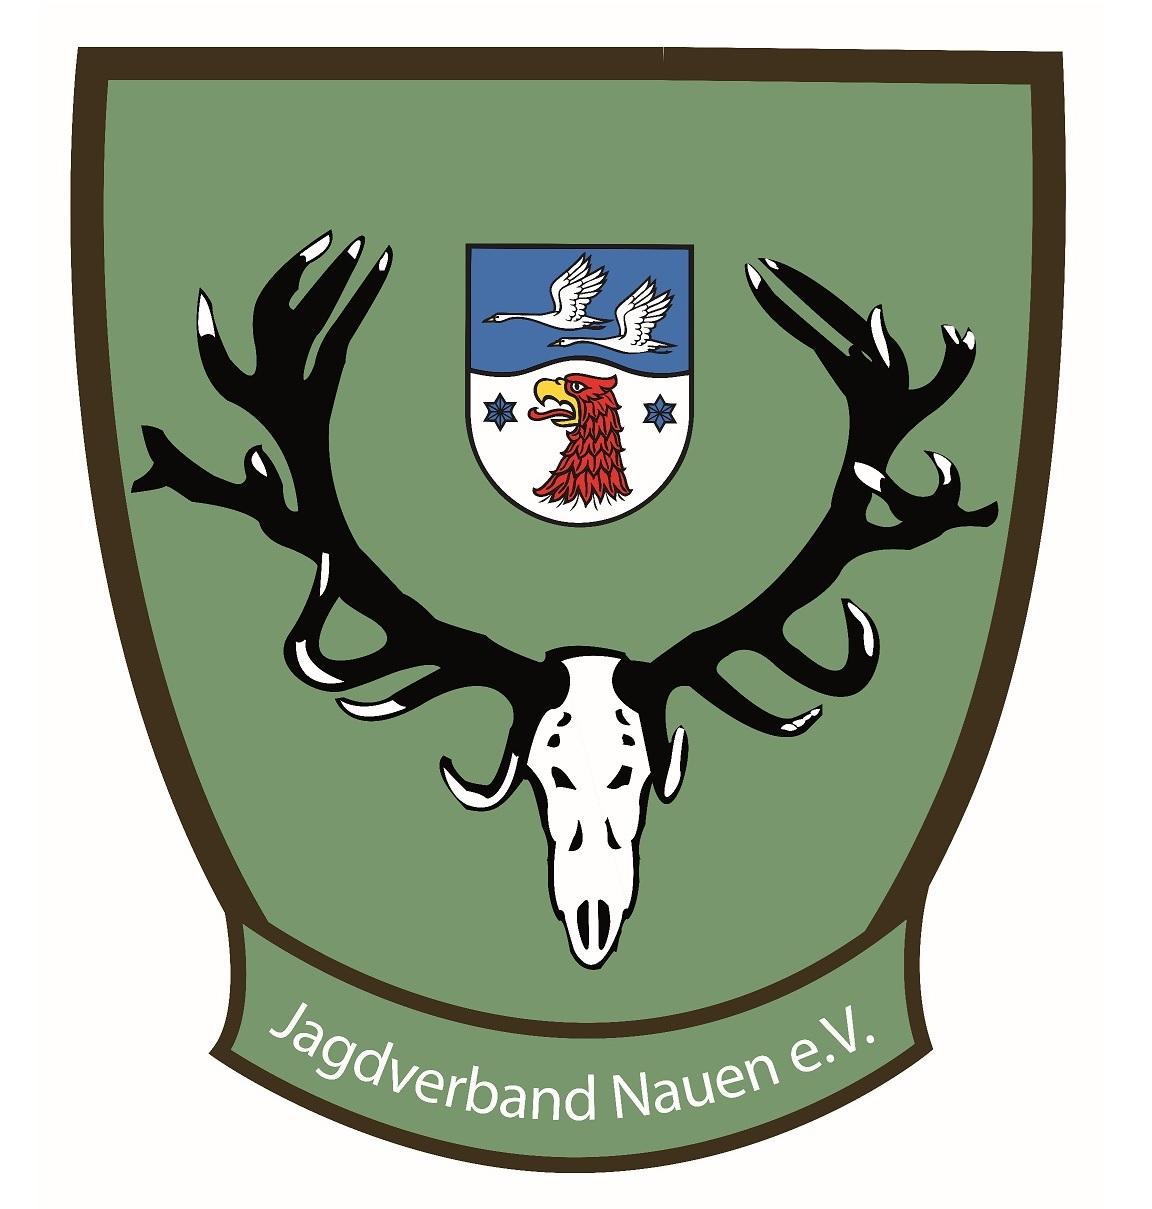 Jagdverband Nauen e.V.